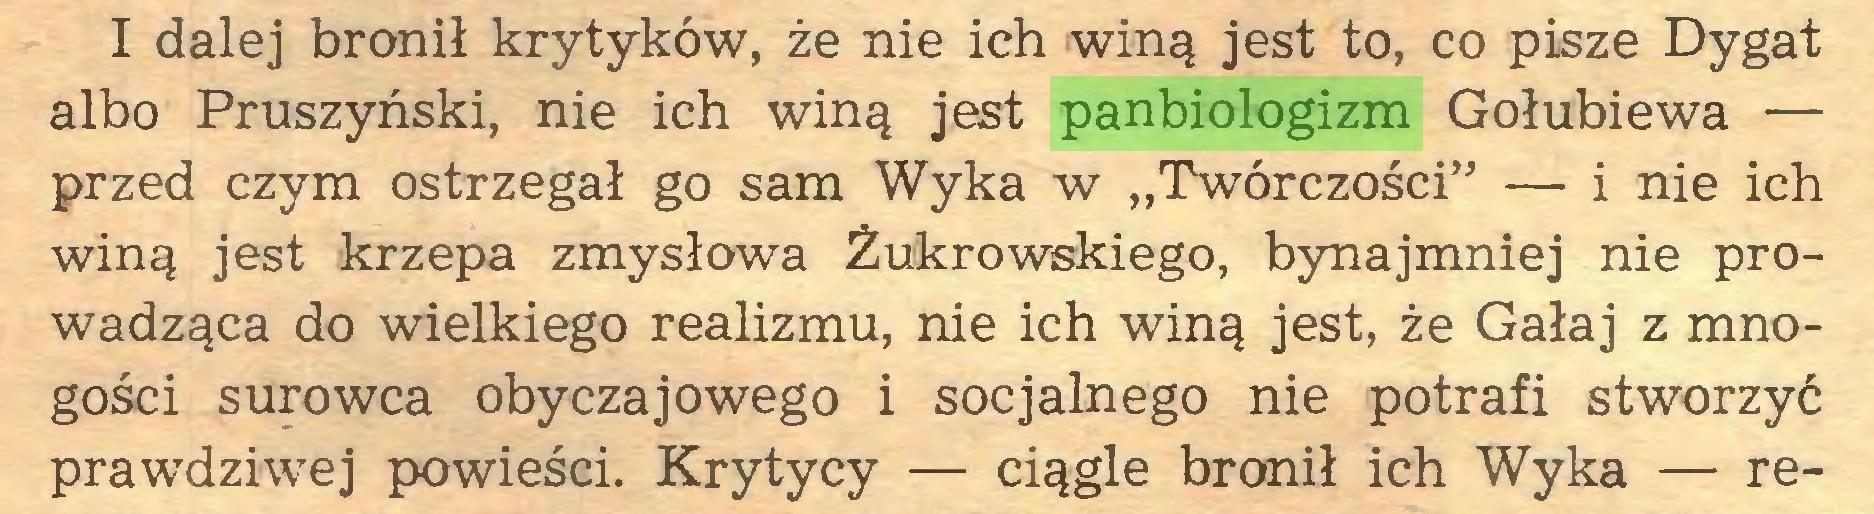 """(...) I dalej bronił krytyków, że nie ich winą jest to, co pisze Dygat albo Pruszyński, nie ich winą jest panbiologizm Gołubiewa — przed czym ostrzegał go sam Wyka w """"Twórczości"""" — i nie ich winą jest krzepa zmysłowa Żukrowskiego, bynajmniej nie prowadząca do wielkiego realizmu, nie ich winą jest, że Gałaj z mnogości surowca obyczajowego i socjalnego nie potrafi stworzyć prawdziwej powieści. Krytycy — ciągle bronił ich Wyka — re..."""